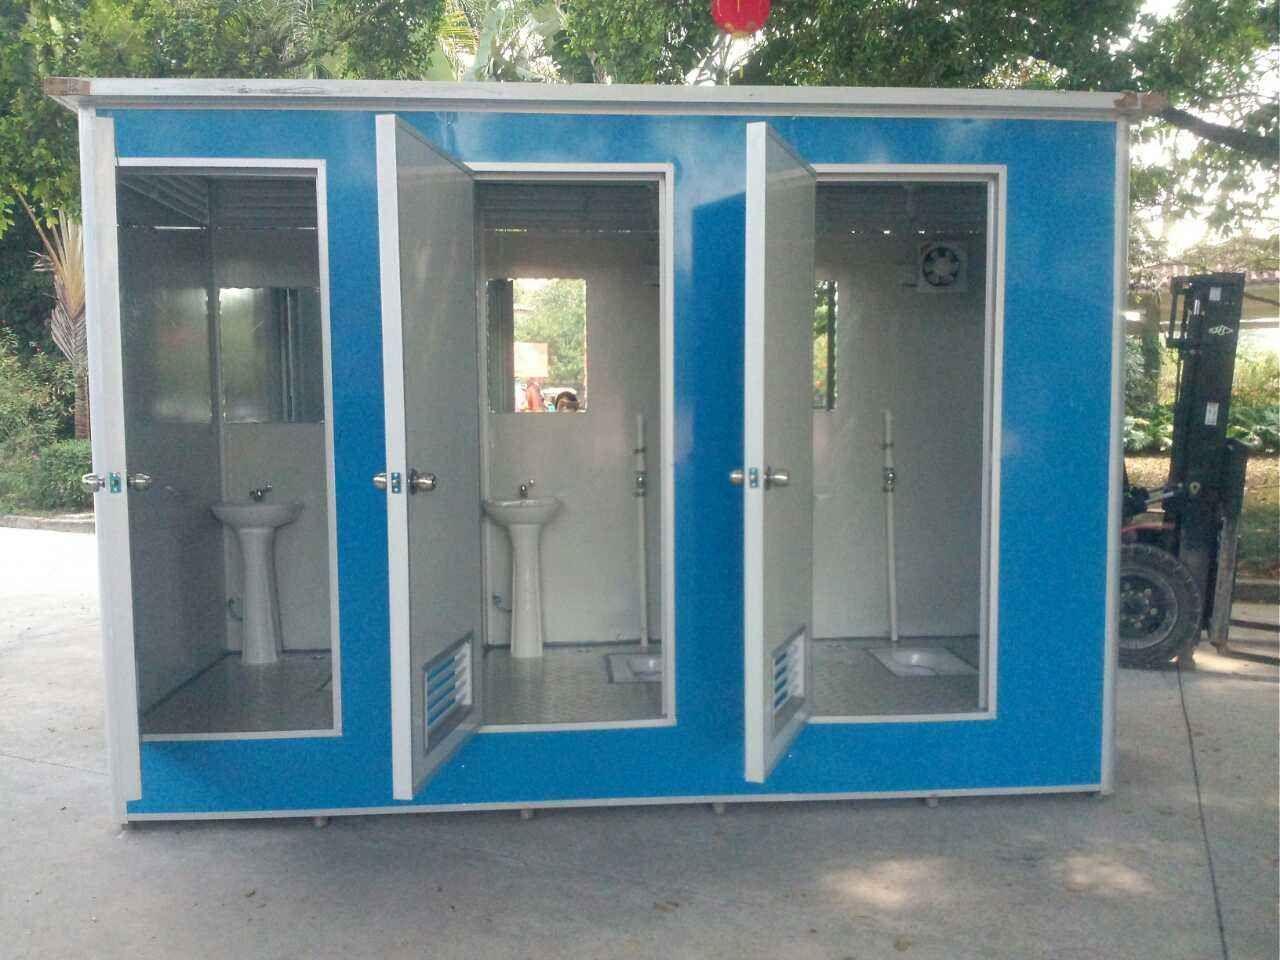 定昌盛移動環保廁所是如何做到環保的.jpg